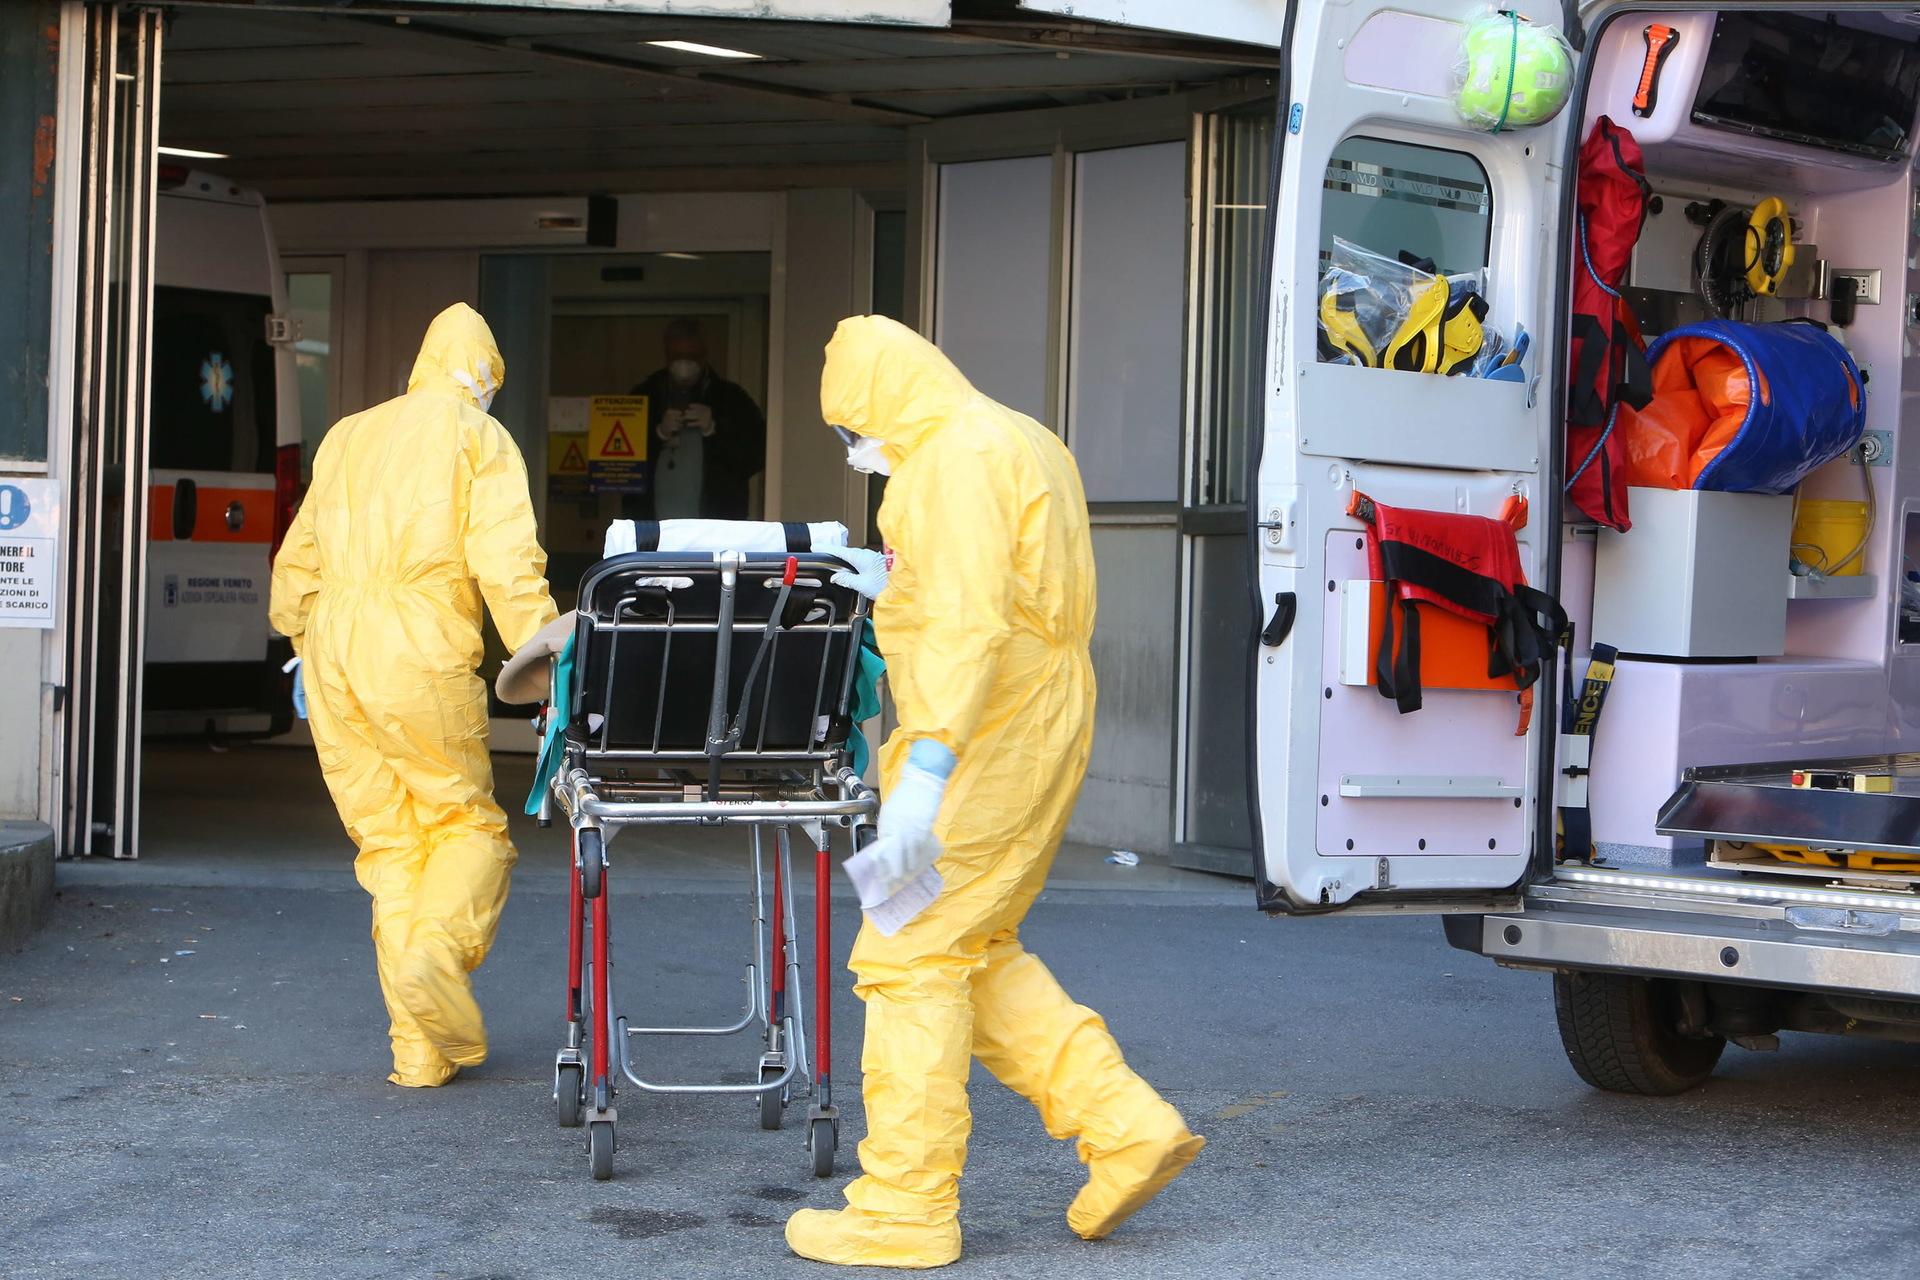 Al șaptelea deces din România din cauza coronavirusului, confirmat în București